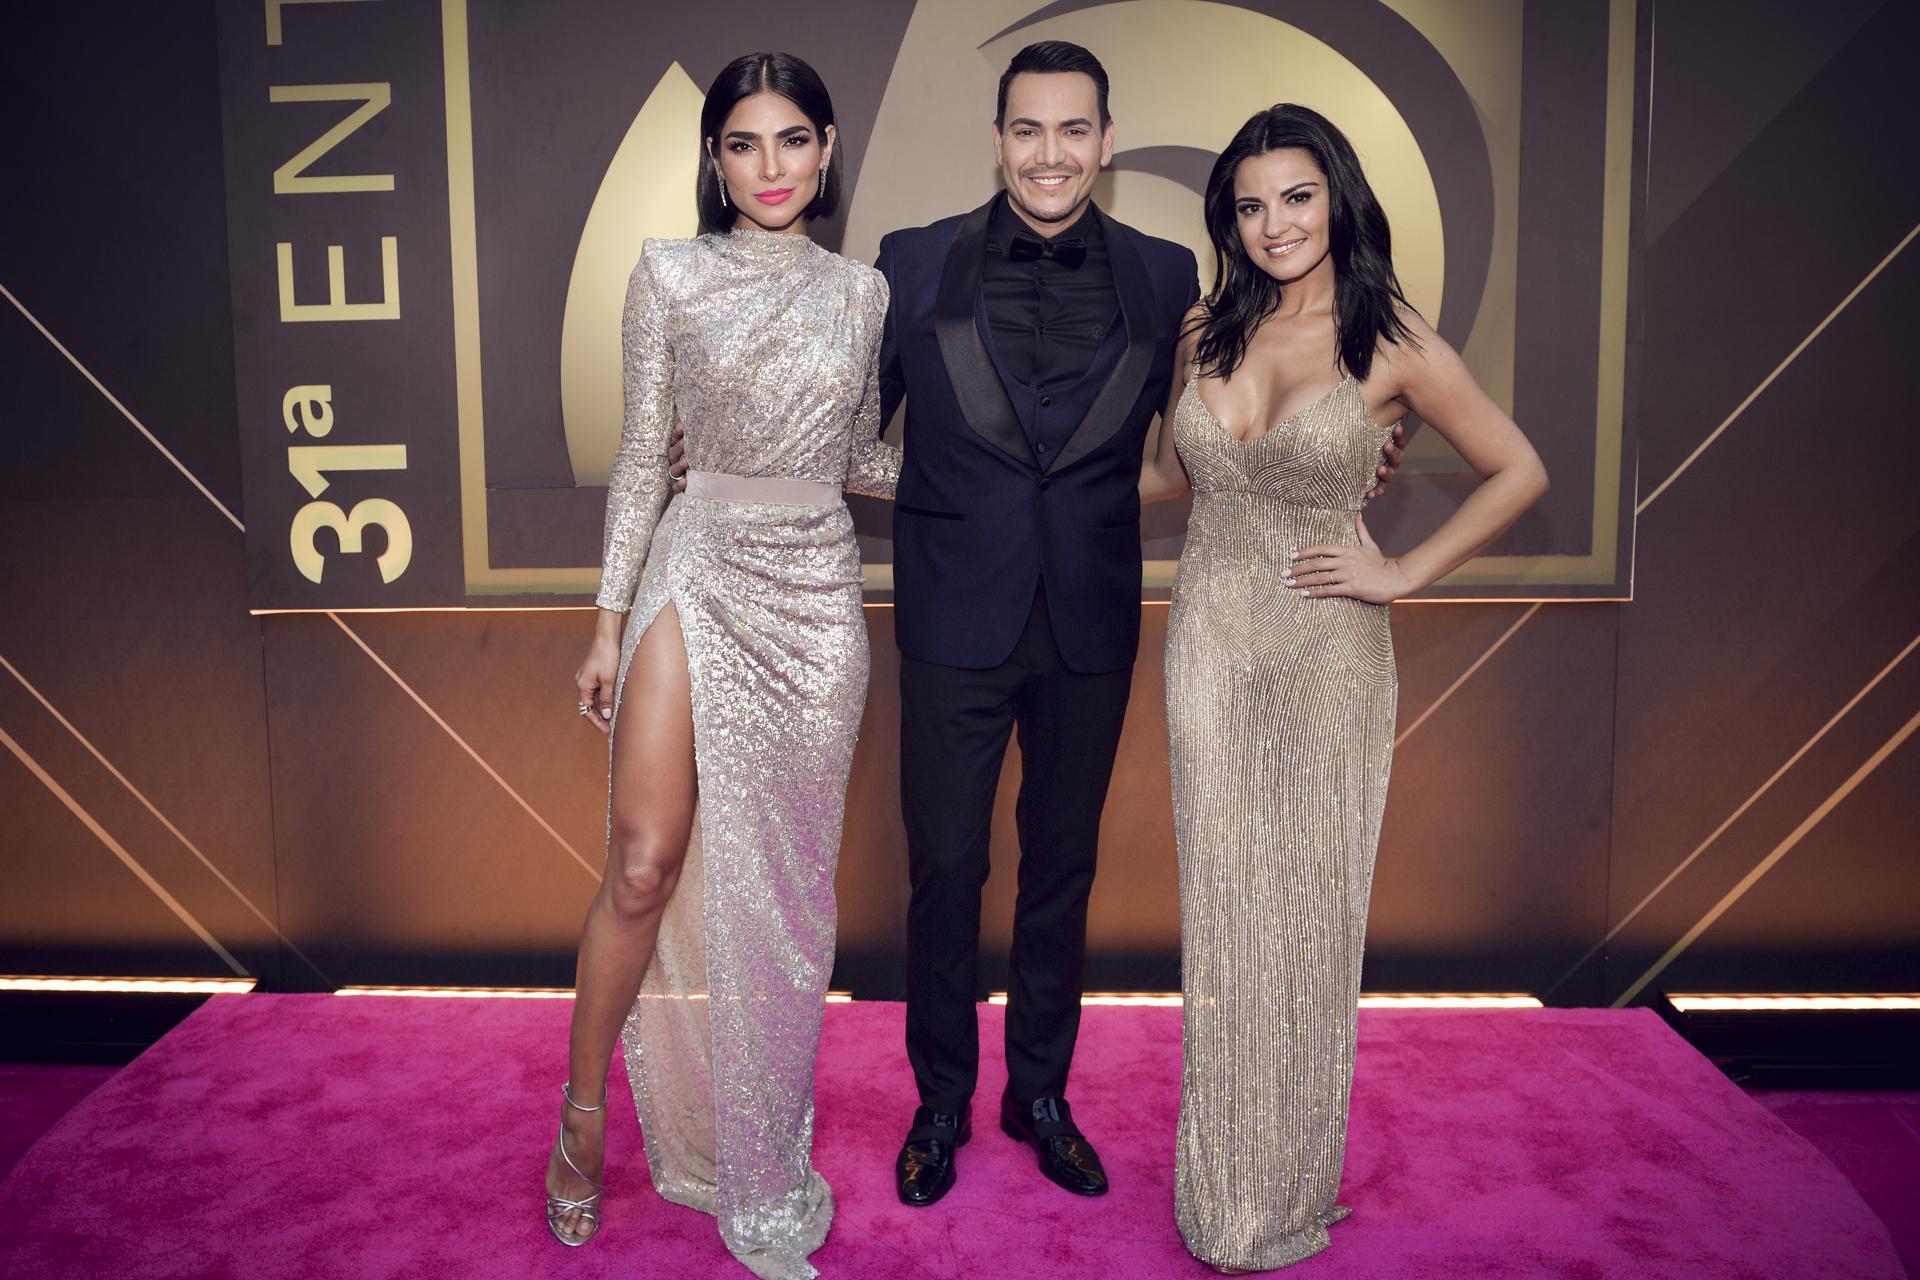 Los presentadores de la noche, la modelo y presentadora mexicana Alejandra Espinoza, el cantante puertorriqueño Víctor Manuelle y la actriz y cantante mexicana Maite Perroni. (Suministrada/ Univision)